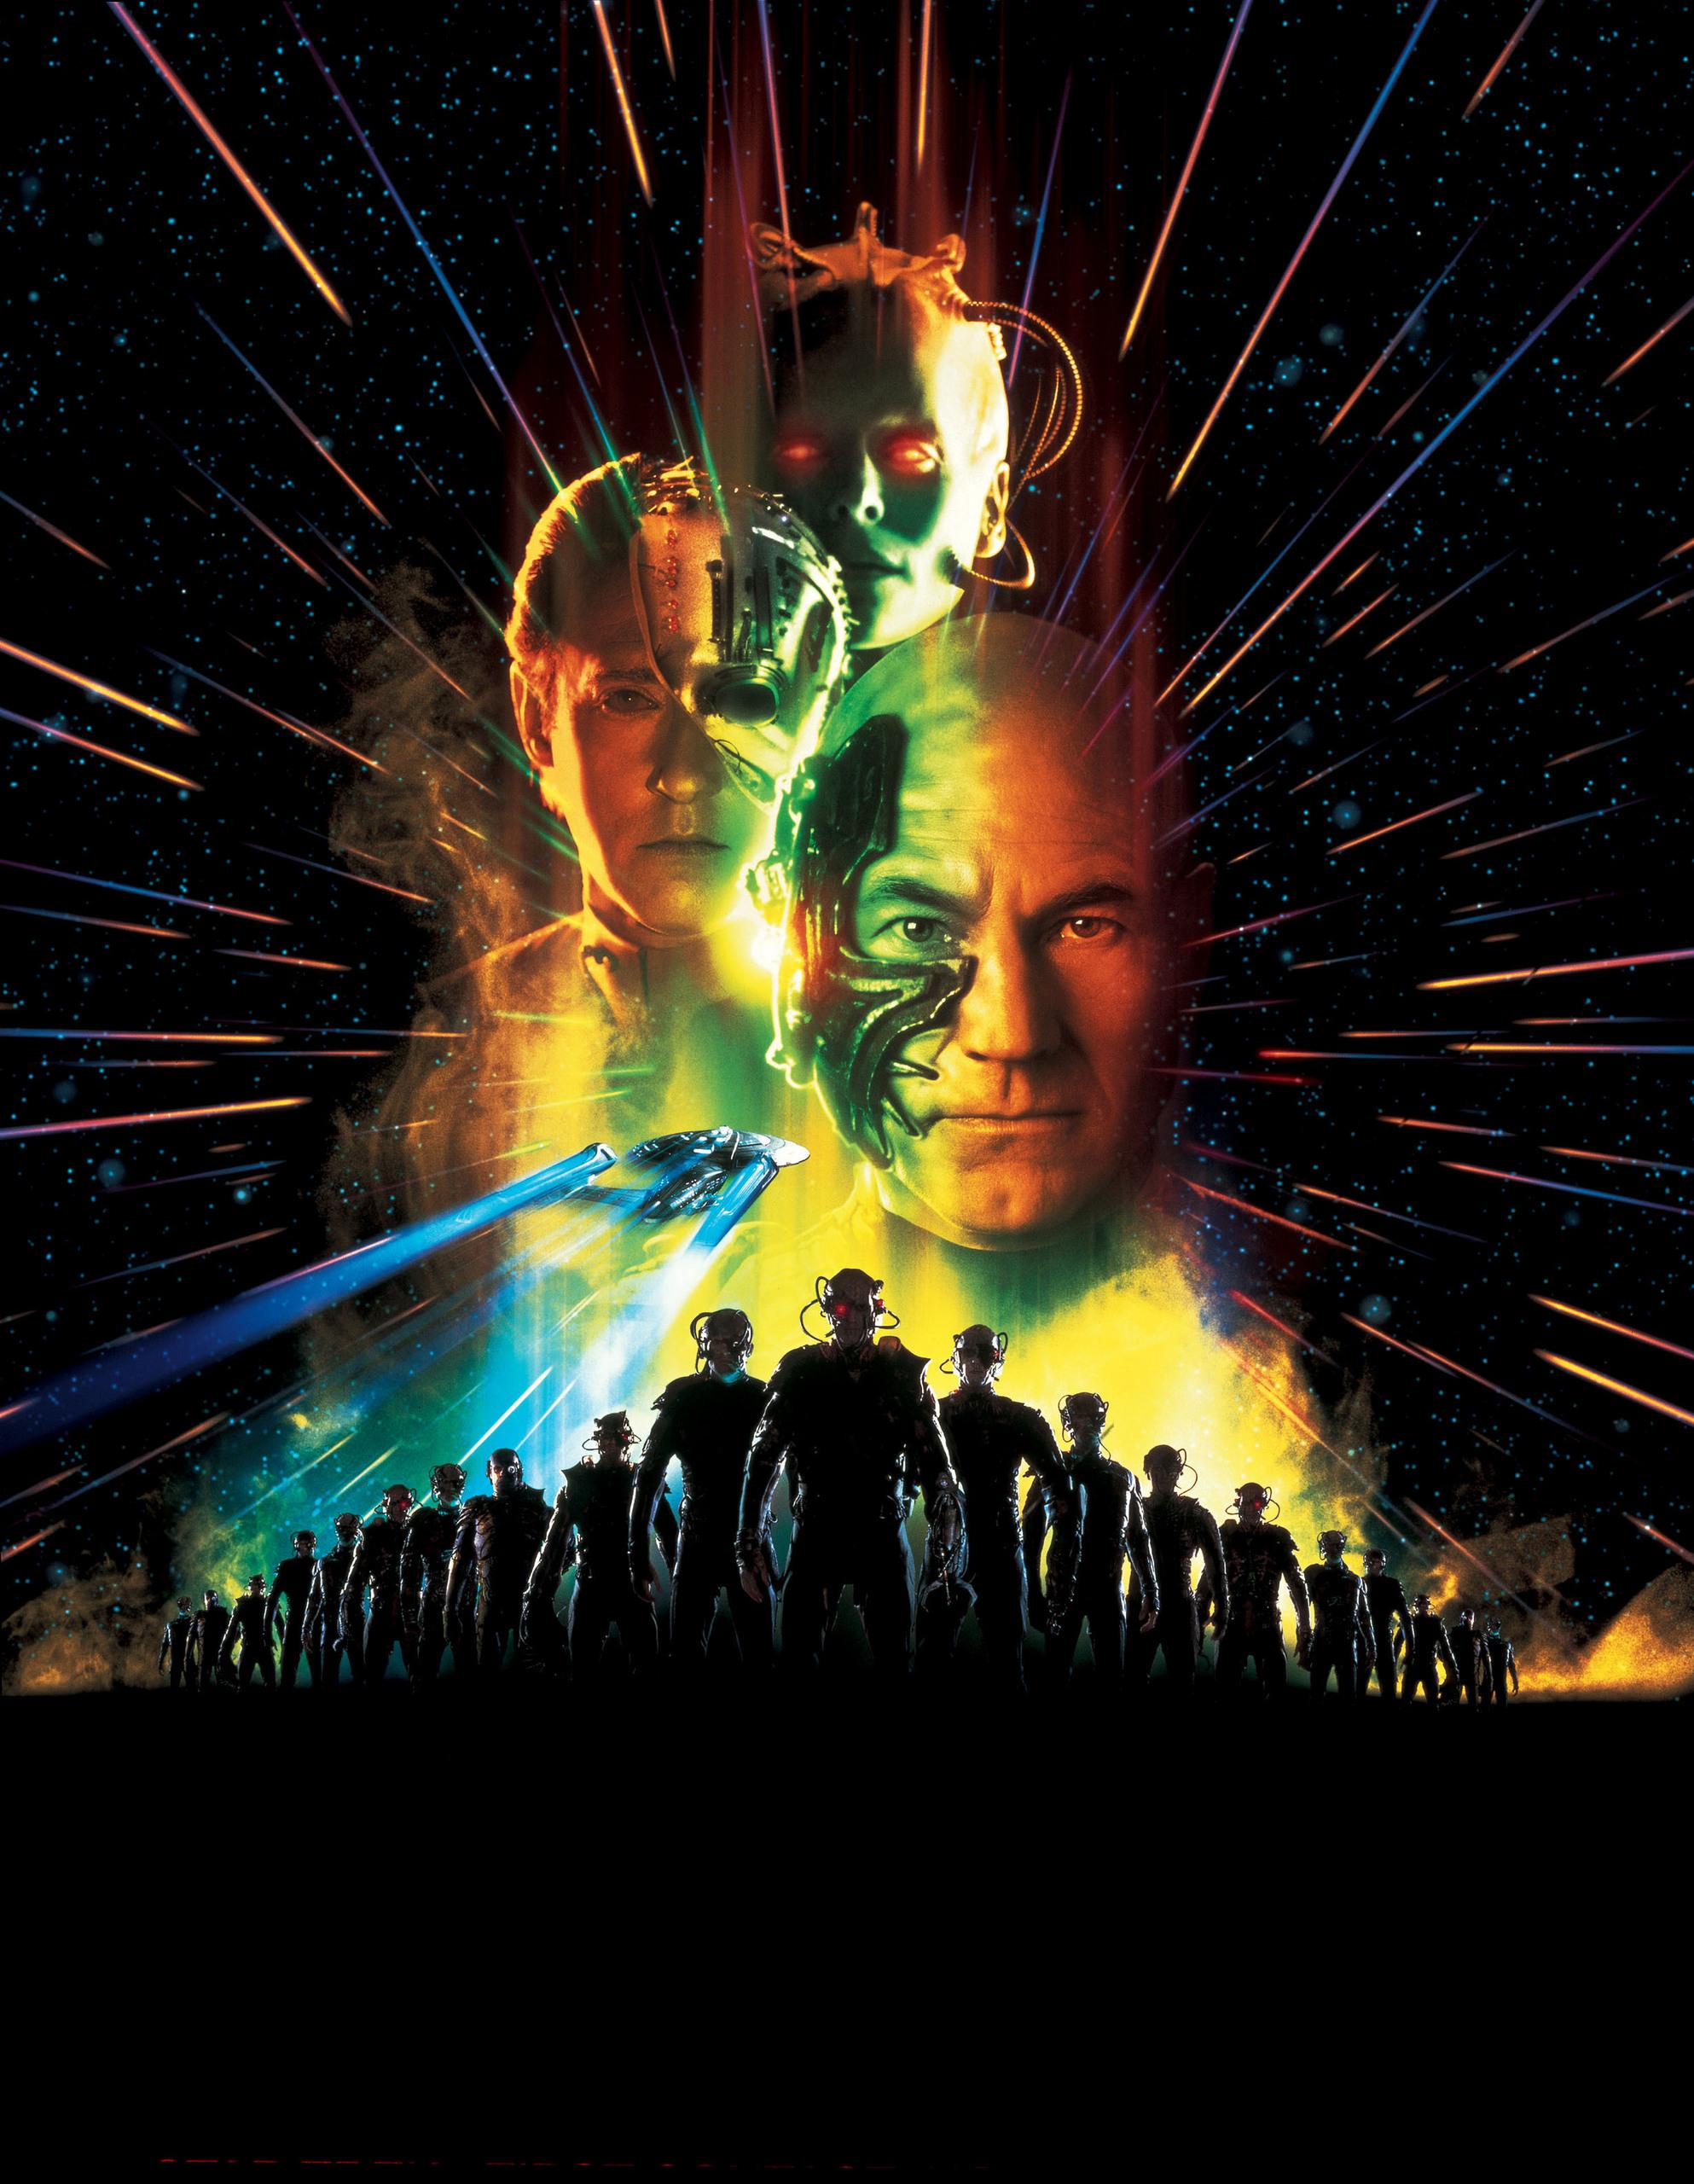 Star-Trek-VIII-First-Contact-poster-star